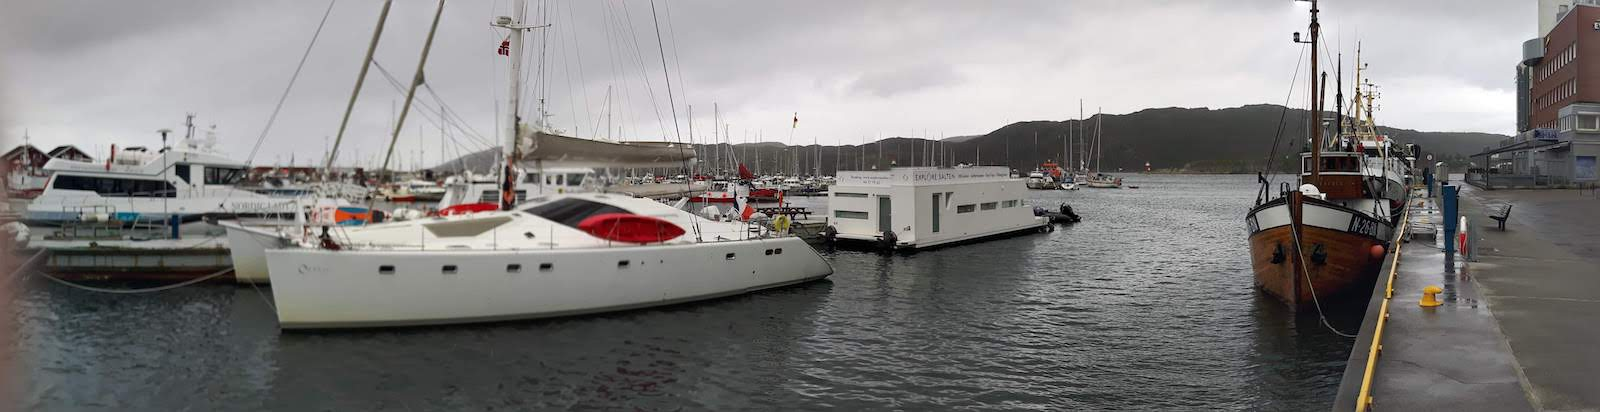 Sailing Boats Norway